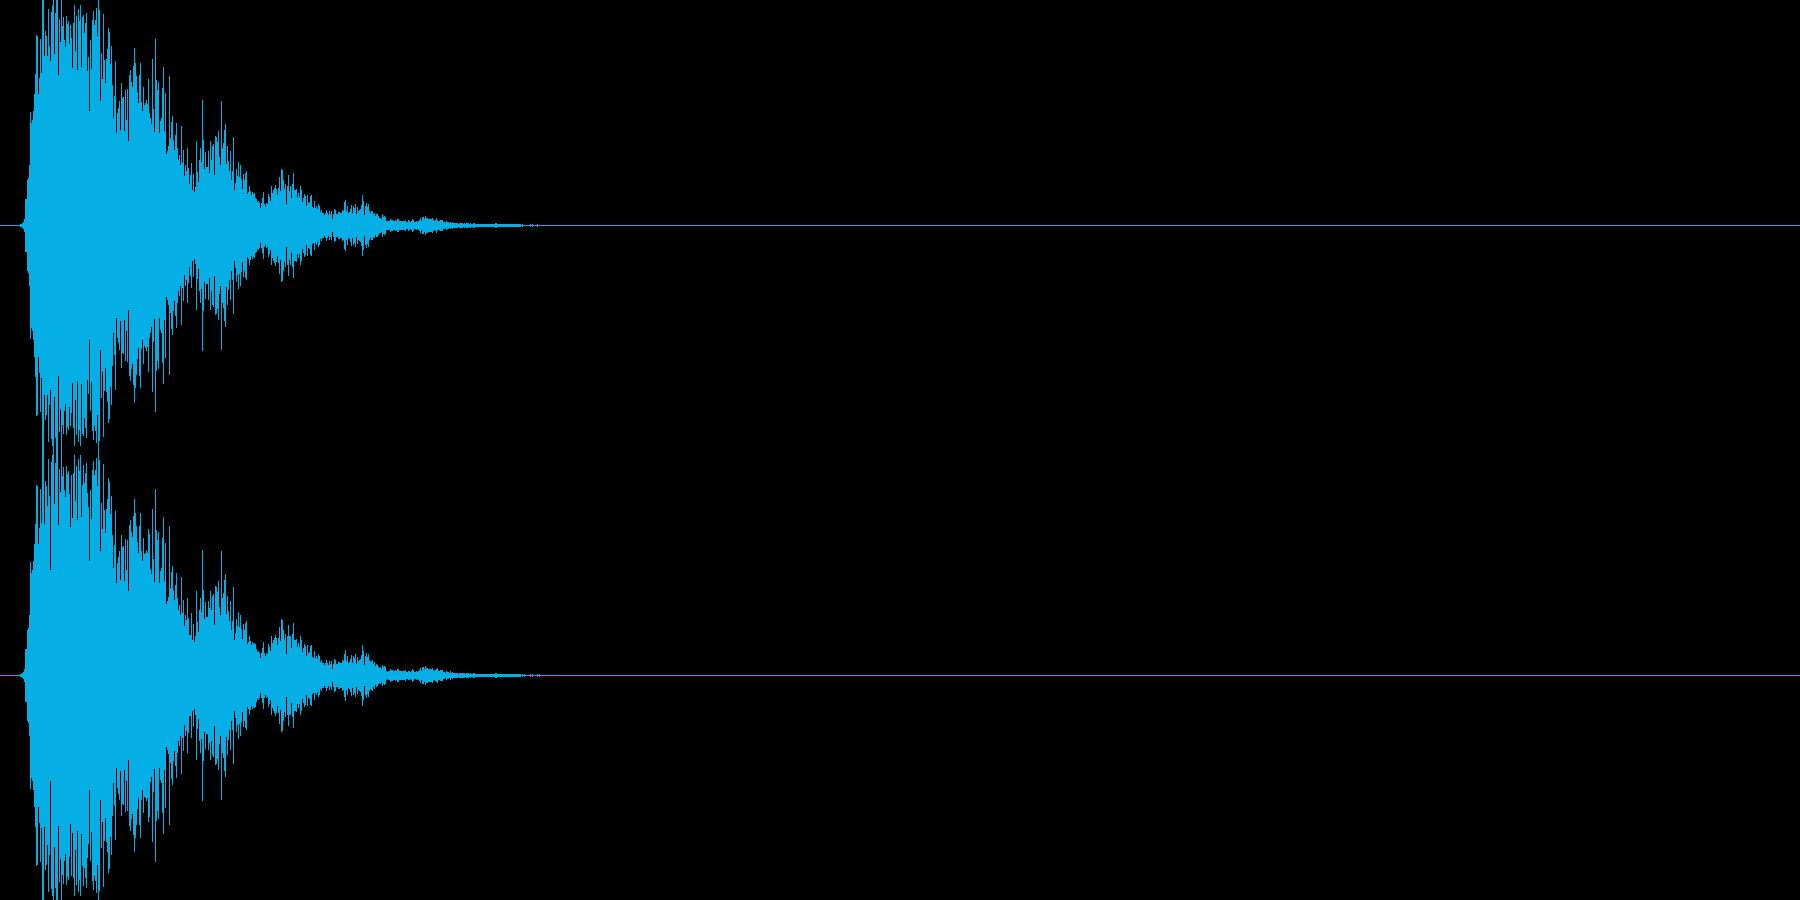 シュバババッ(場面転換、移動)の再生済みの波形